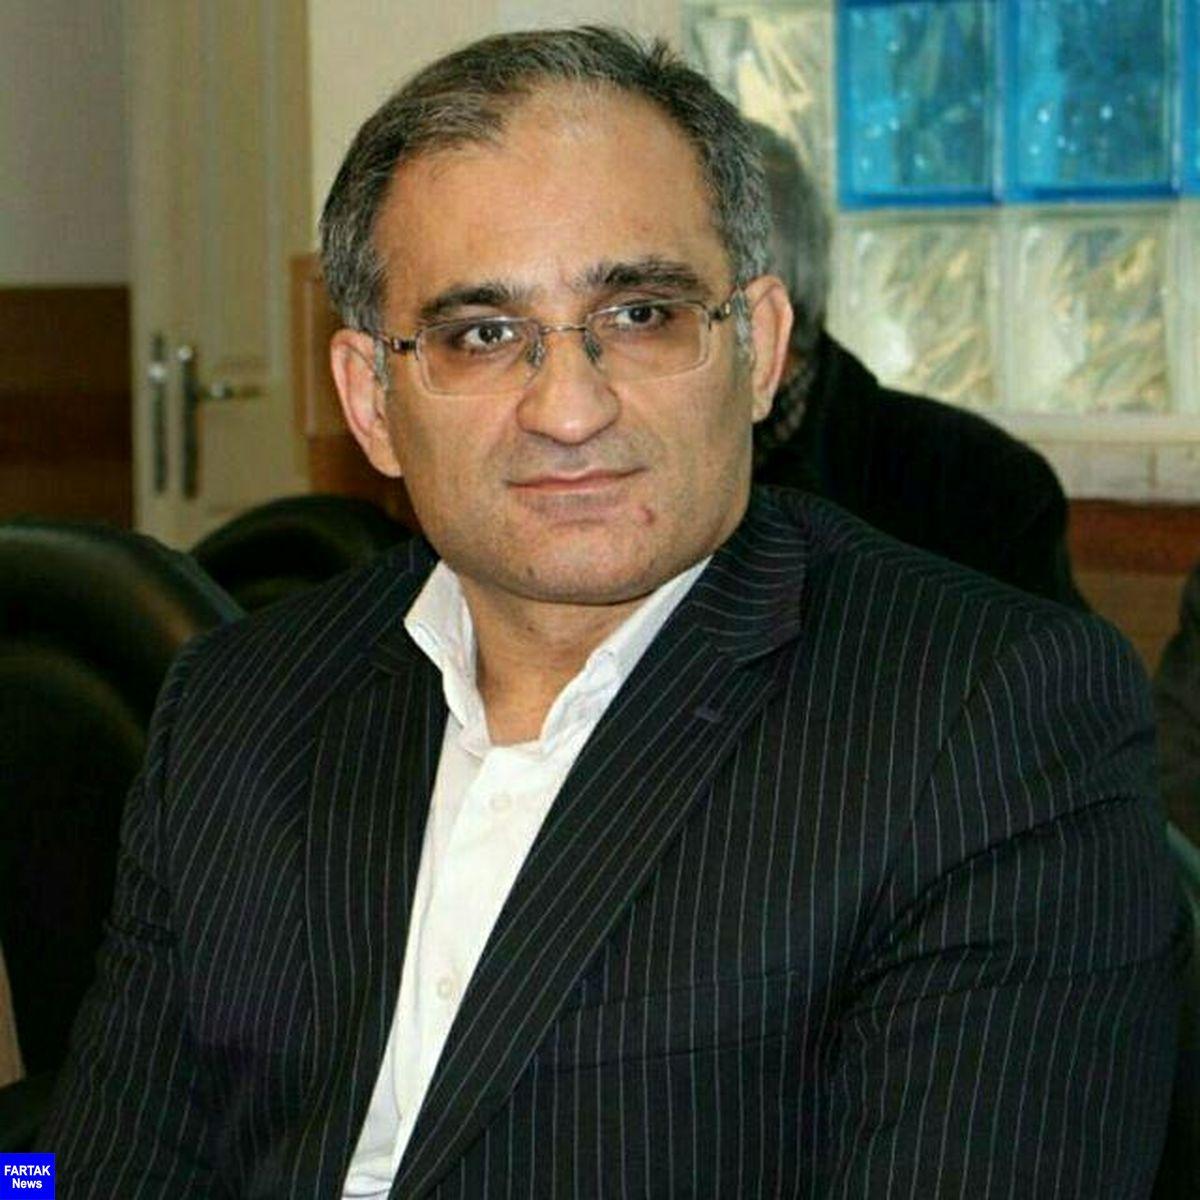 برآورد تولید ۱۴۸هزار تن نخود در استان کرمانشاه